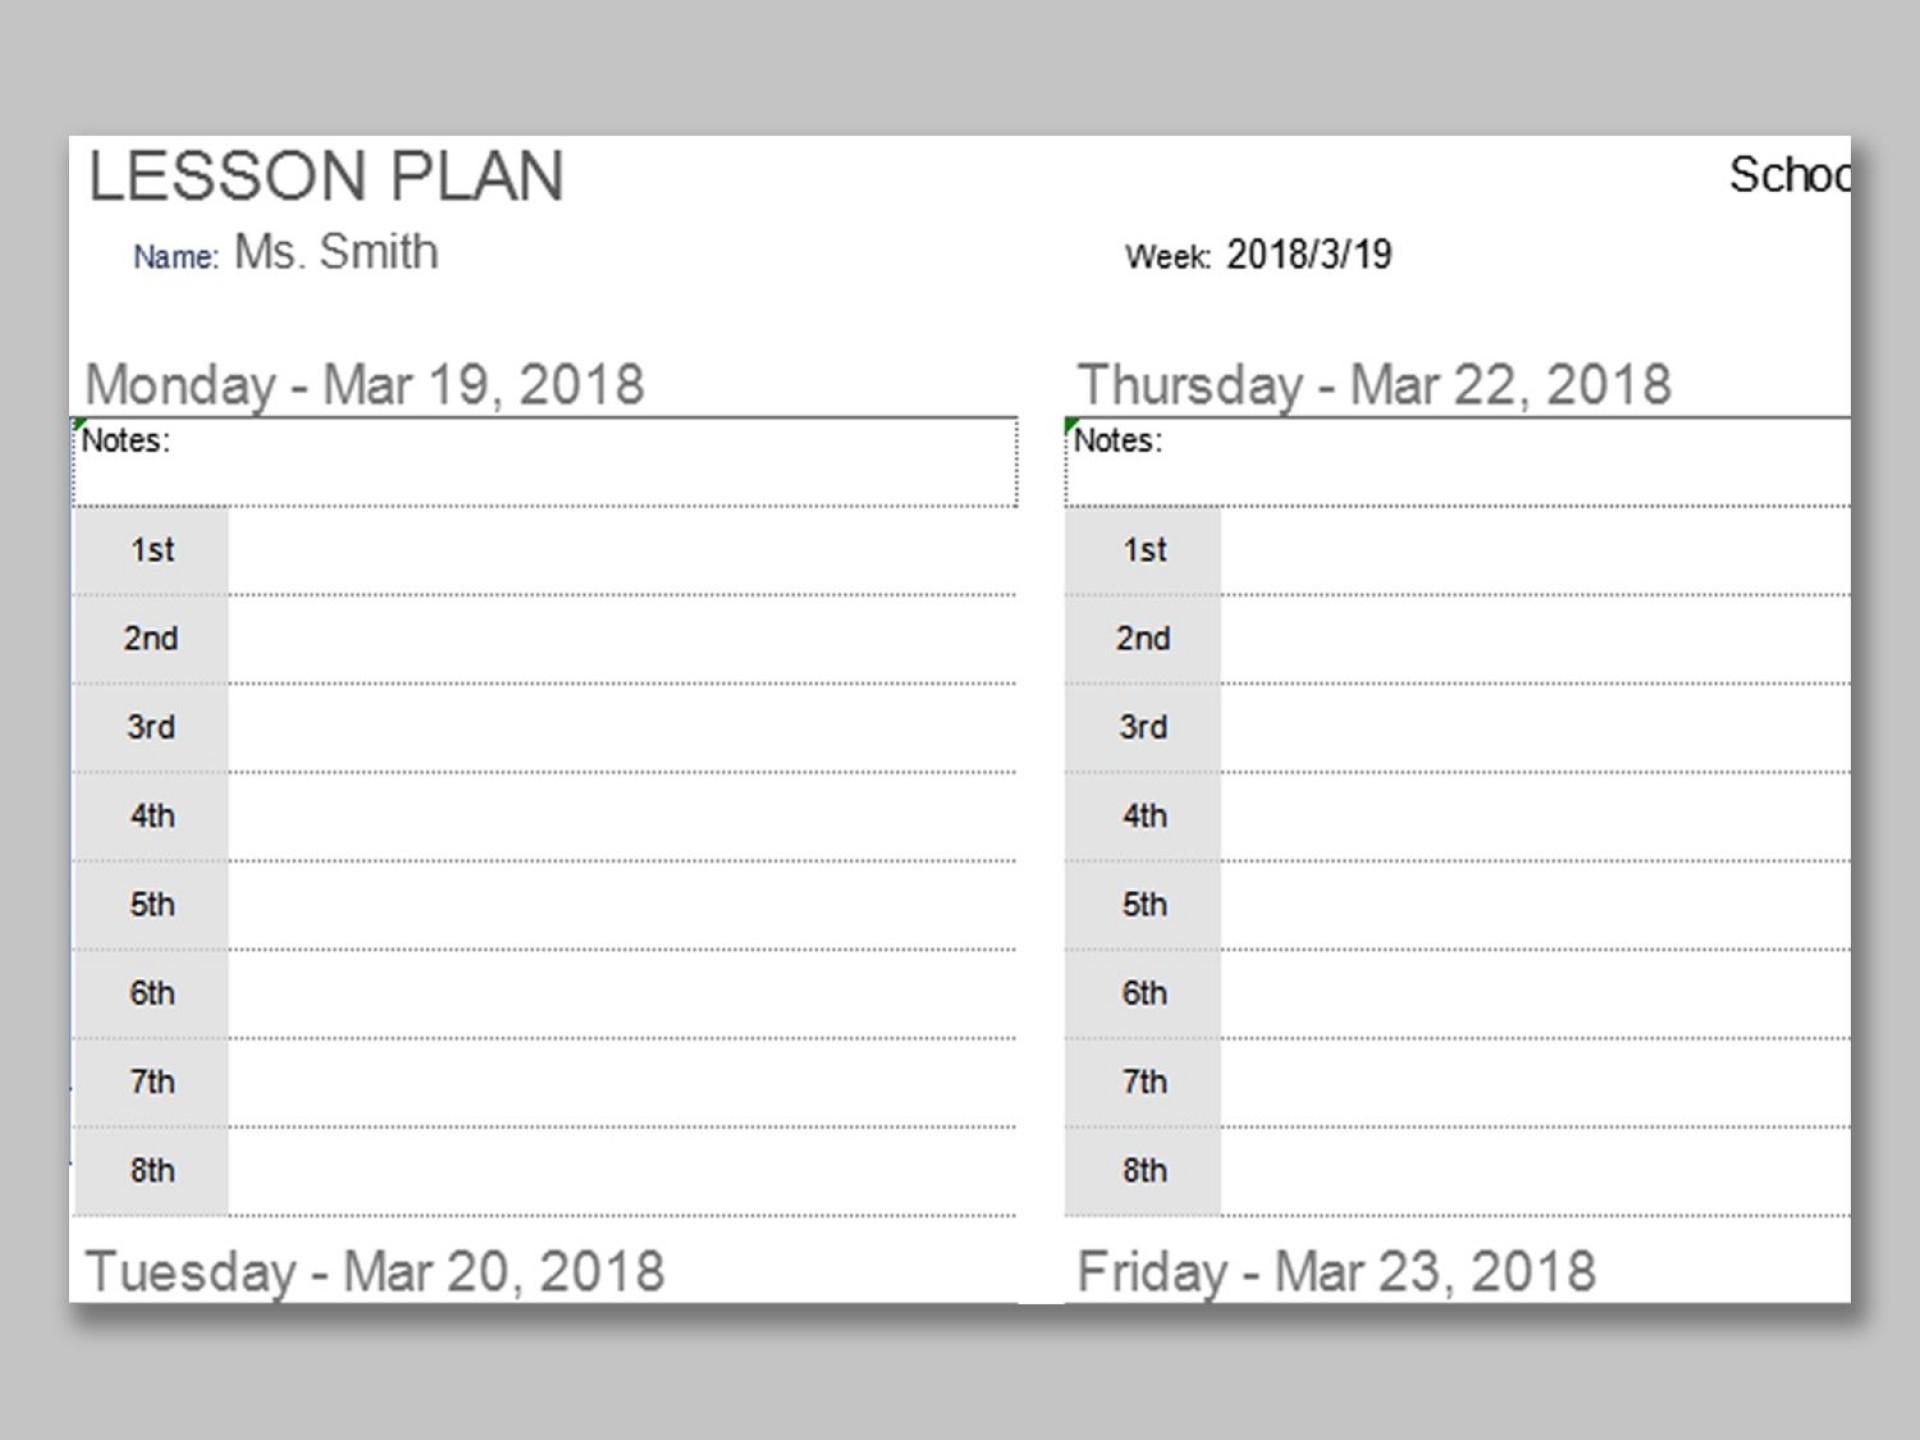 000 Singular Free Printable Lesson Plan Template Blank Image  Format1920